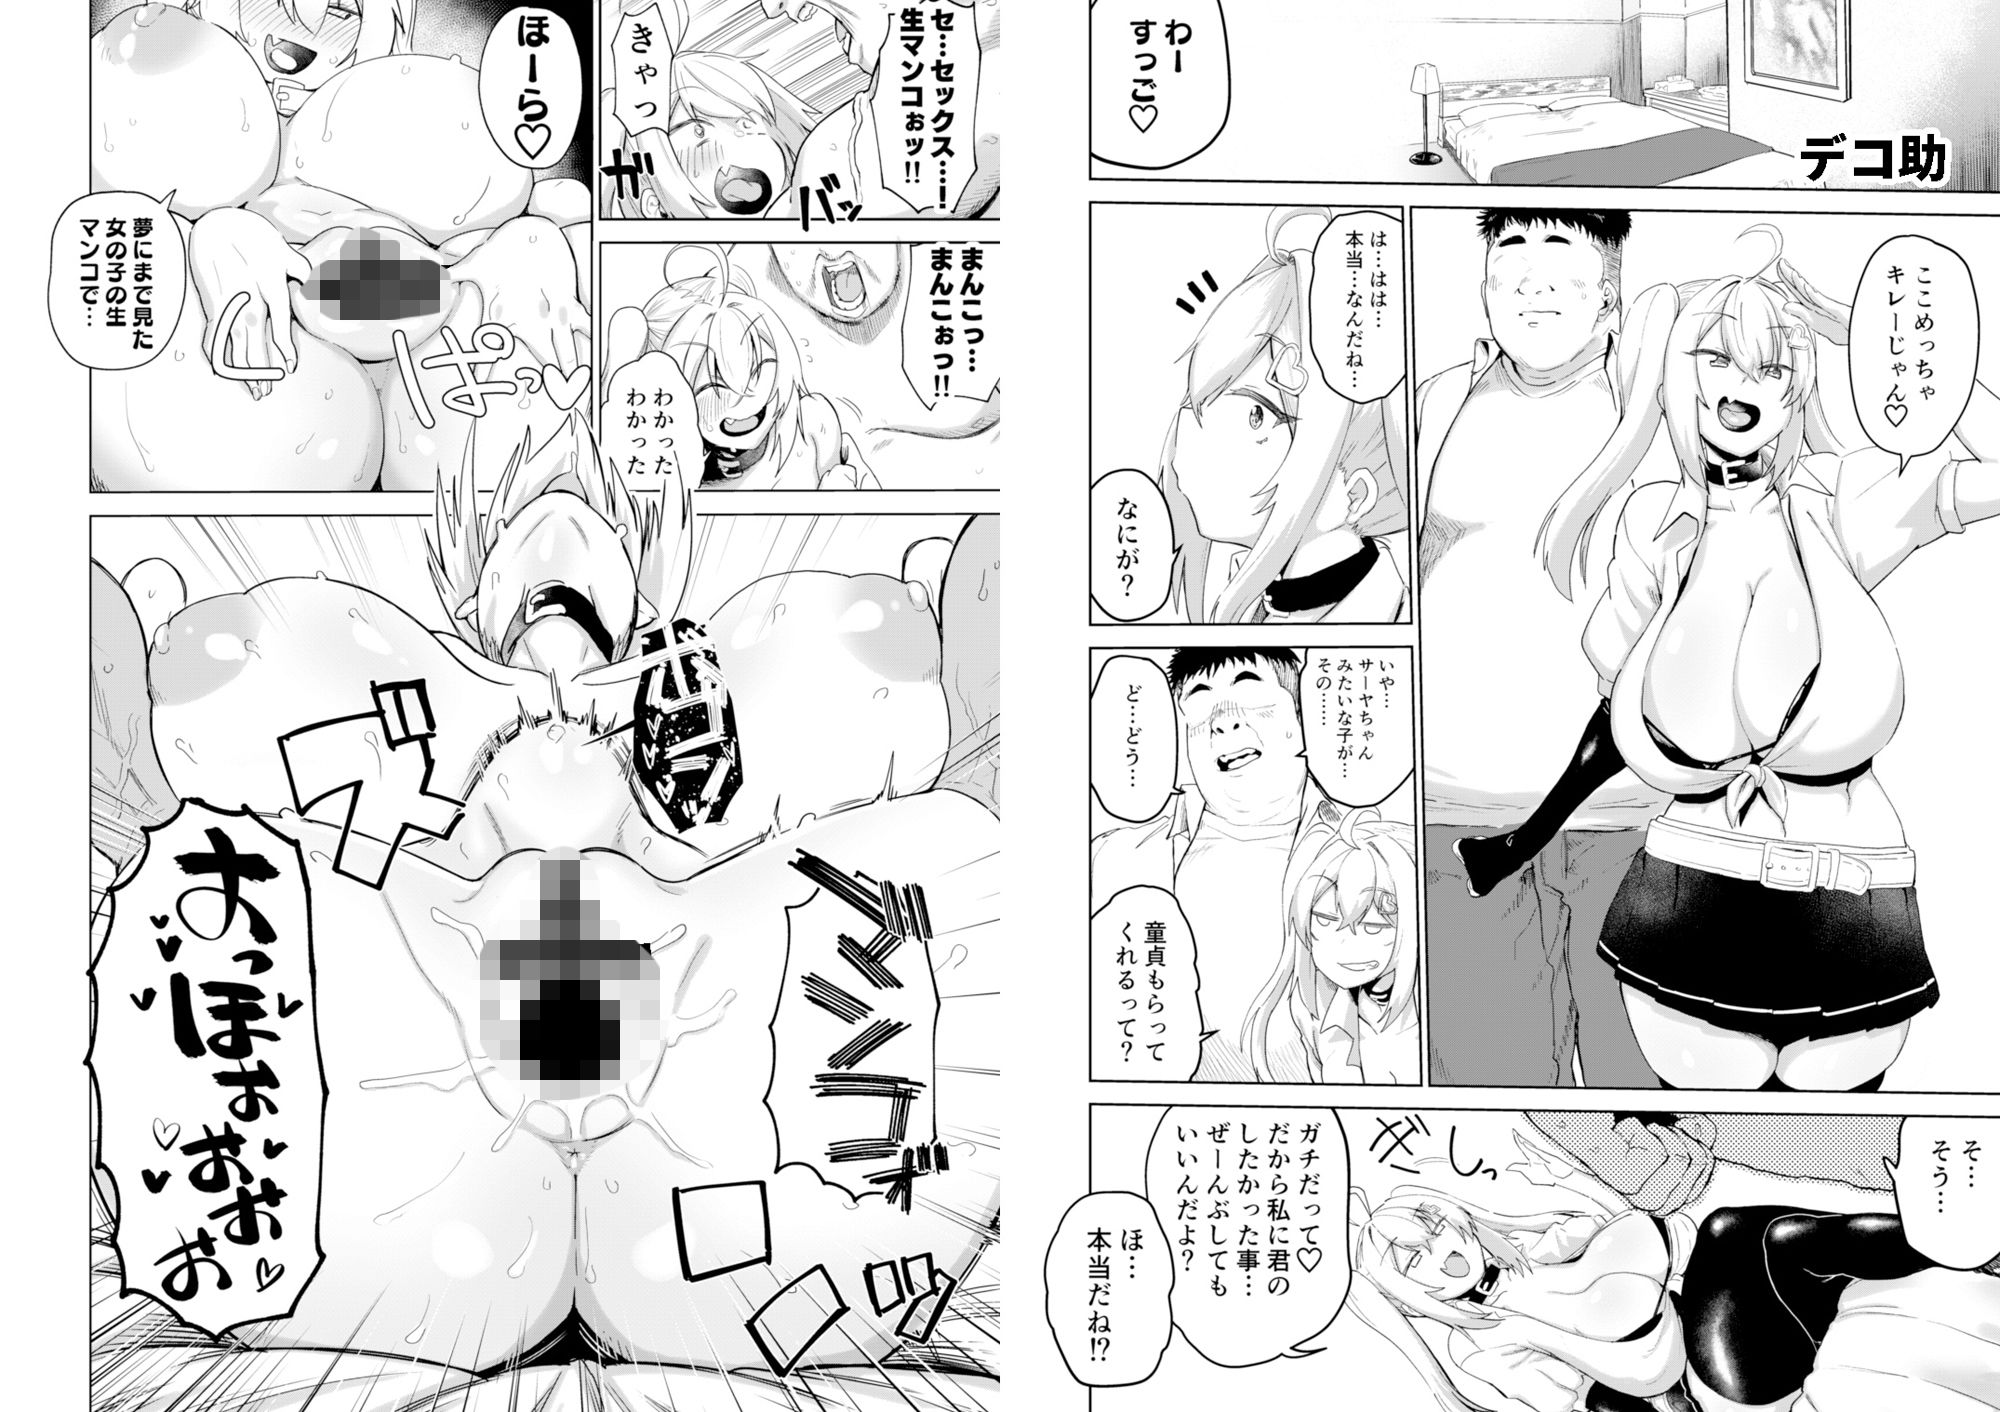 【きろめーとる 同人】爆乳ギャルとメチャクチャパコる合同!!!